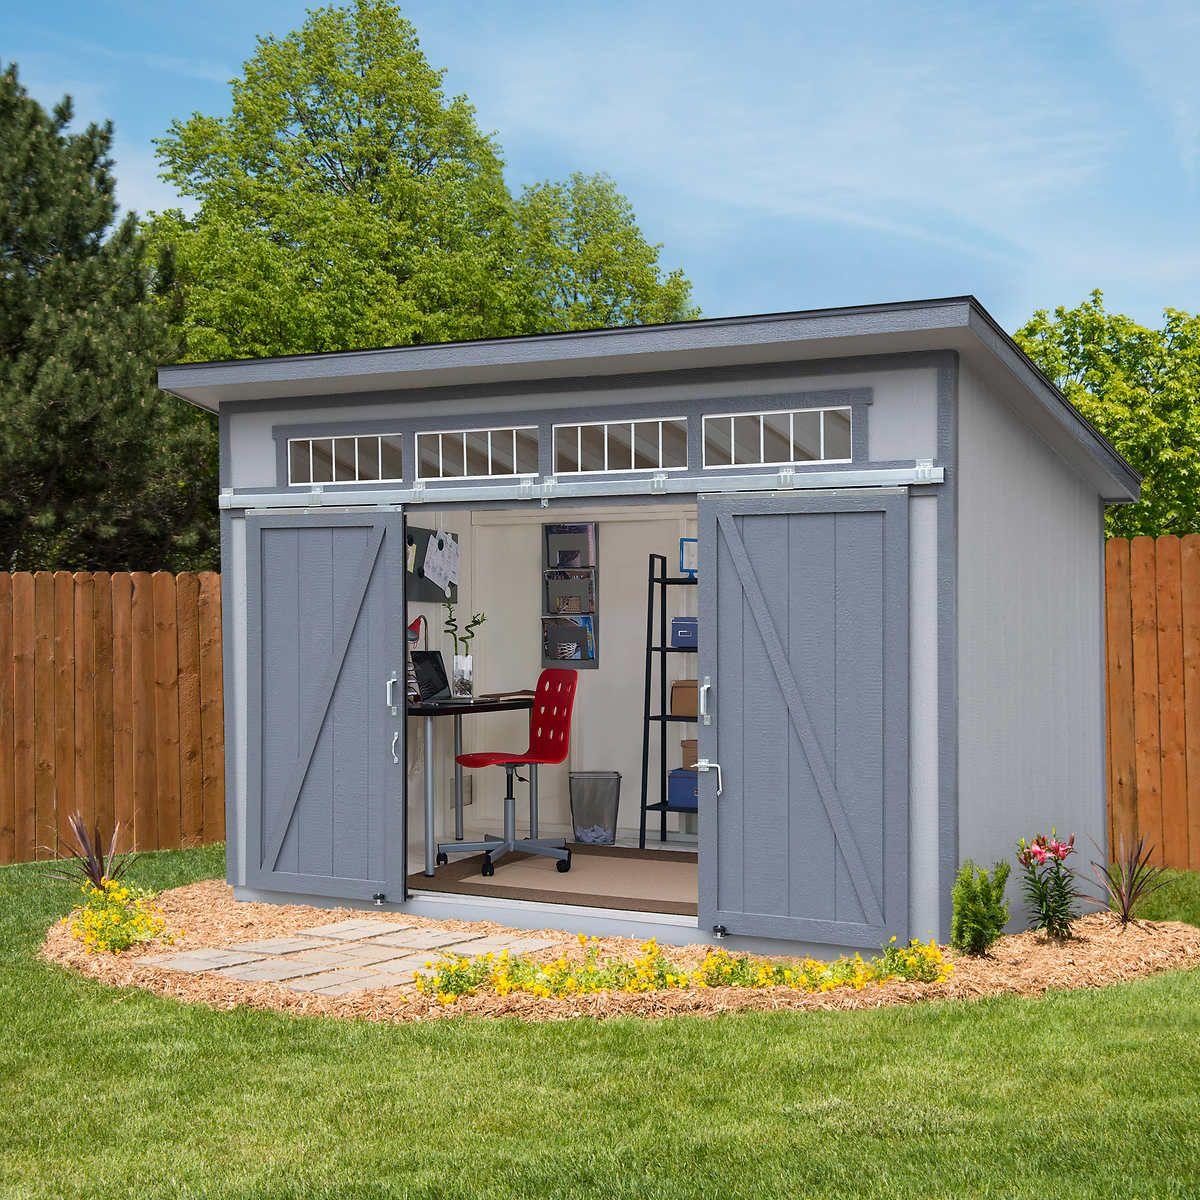 Yardline Santa Clara 12 X 8 Wood Storage Shed In 2020 Shed Design Diy Shed Plans Shed Building Plans